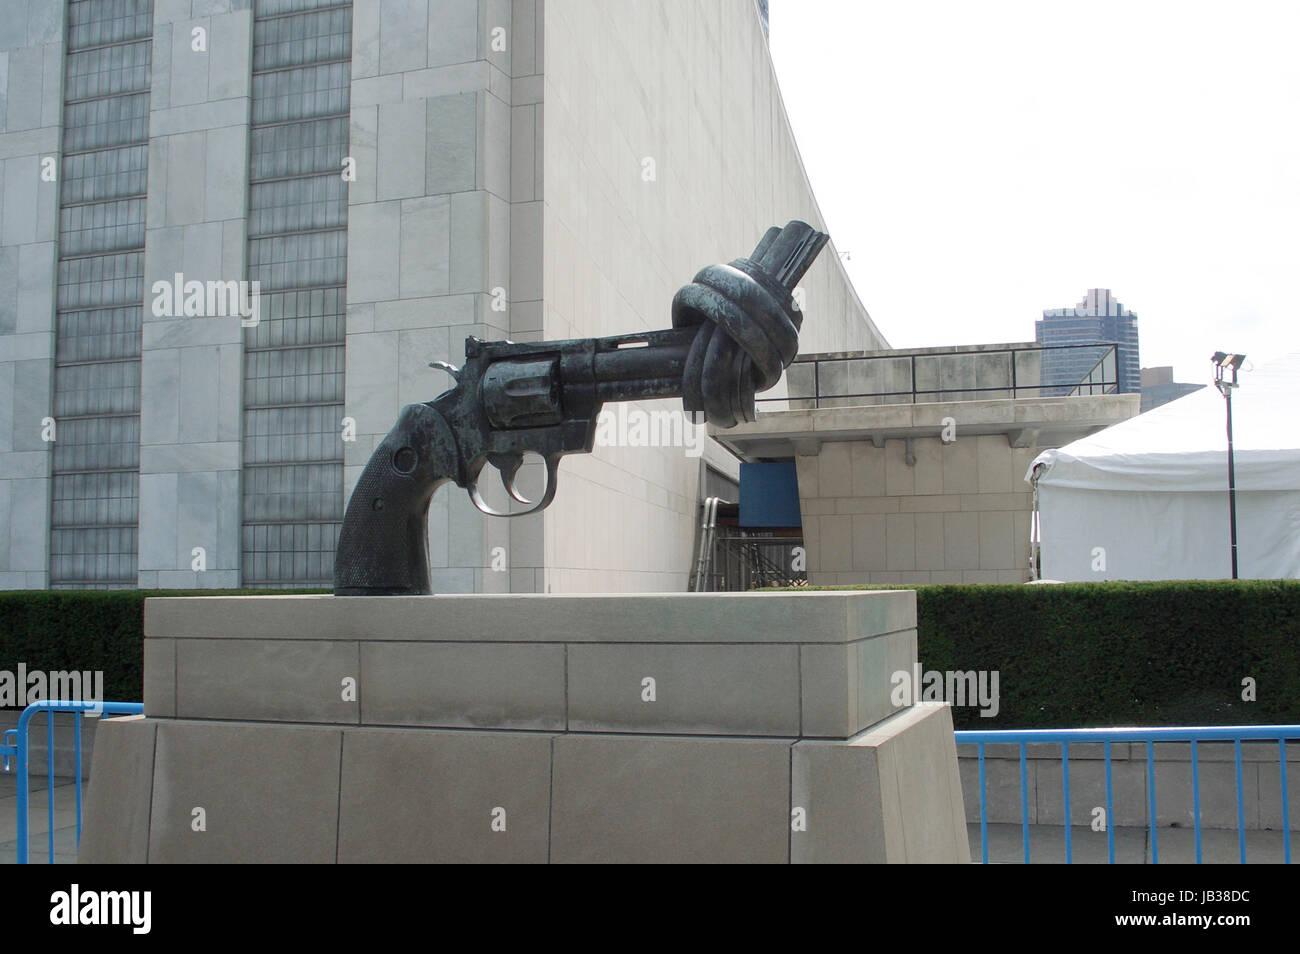 Statue eines Colt Python Revolvers (einer zivilen Waffe), dessen Lauf zu einem Knoten gebogen ist, vor dem Gebäude - Stock Image